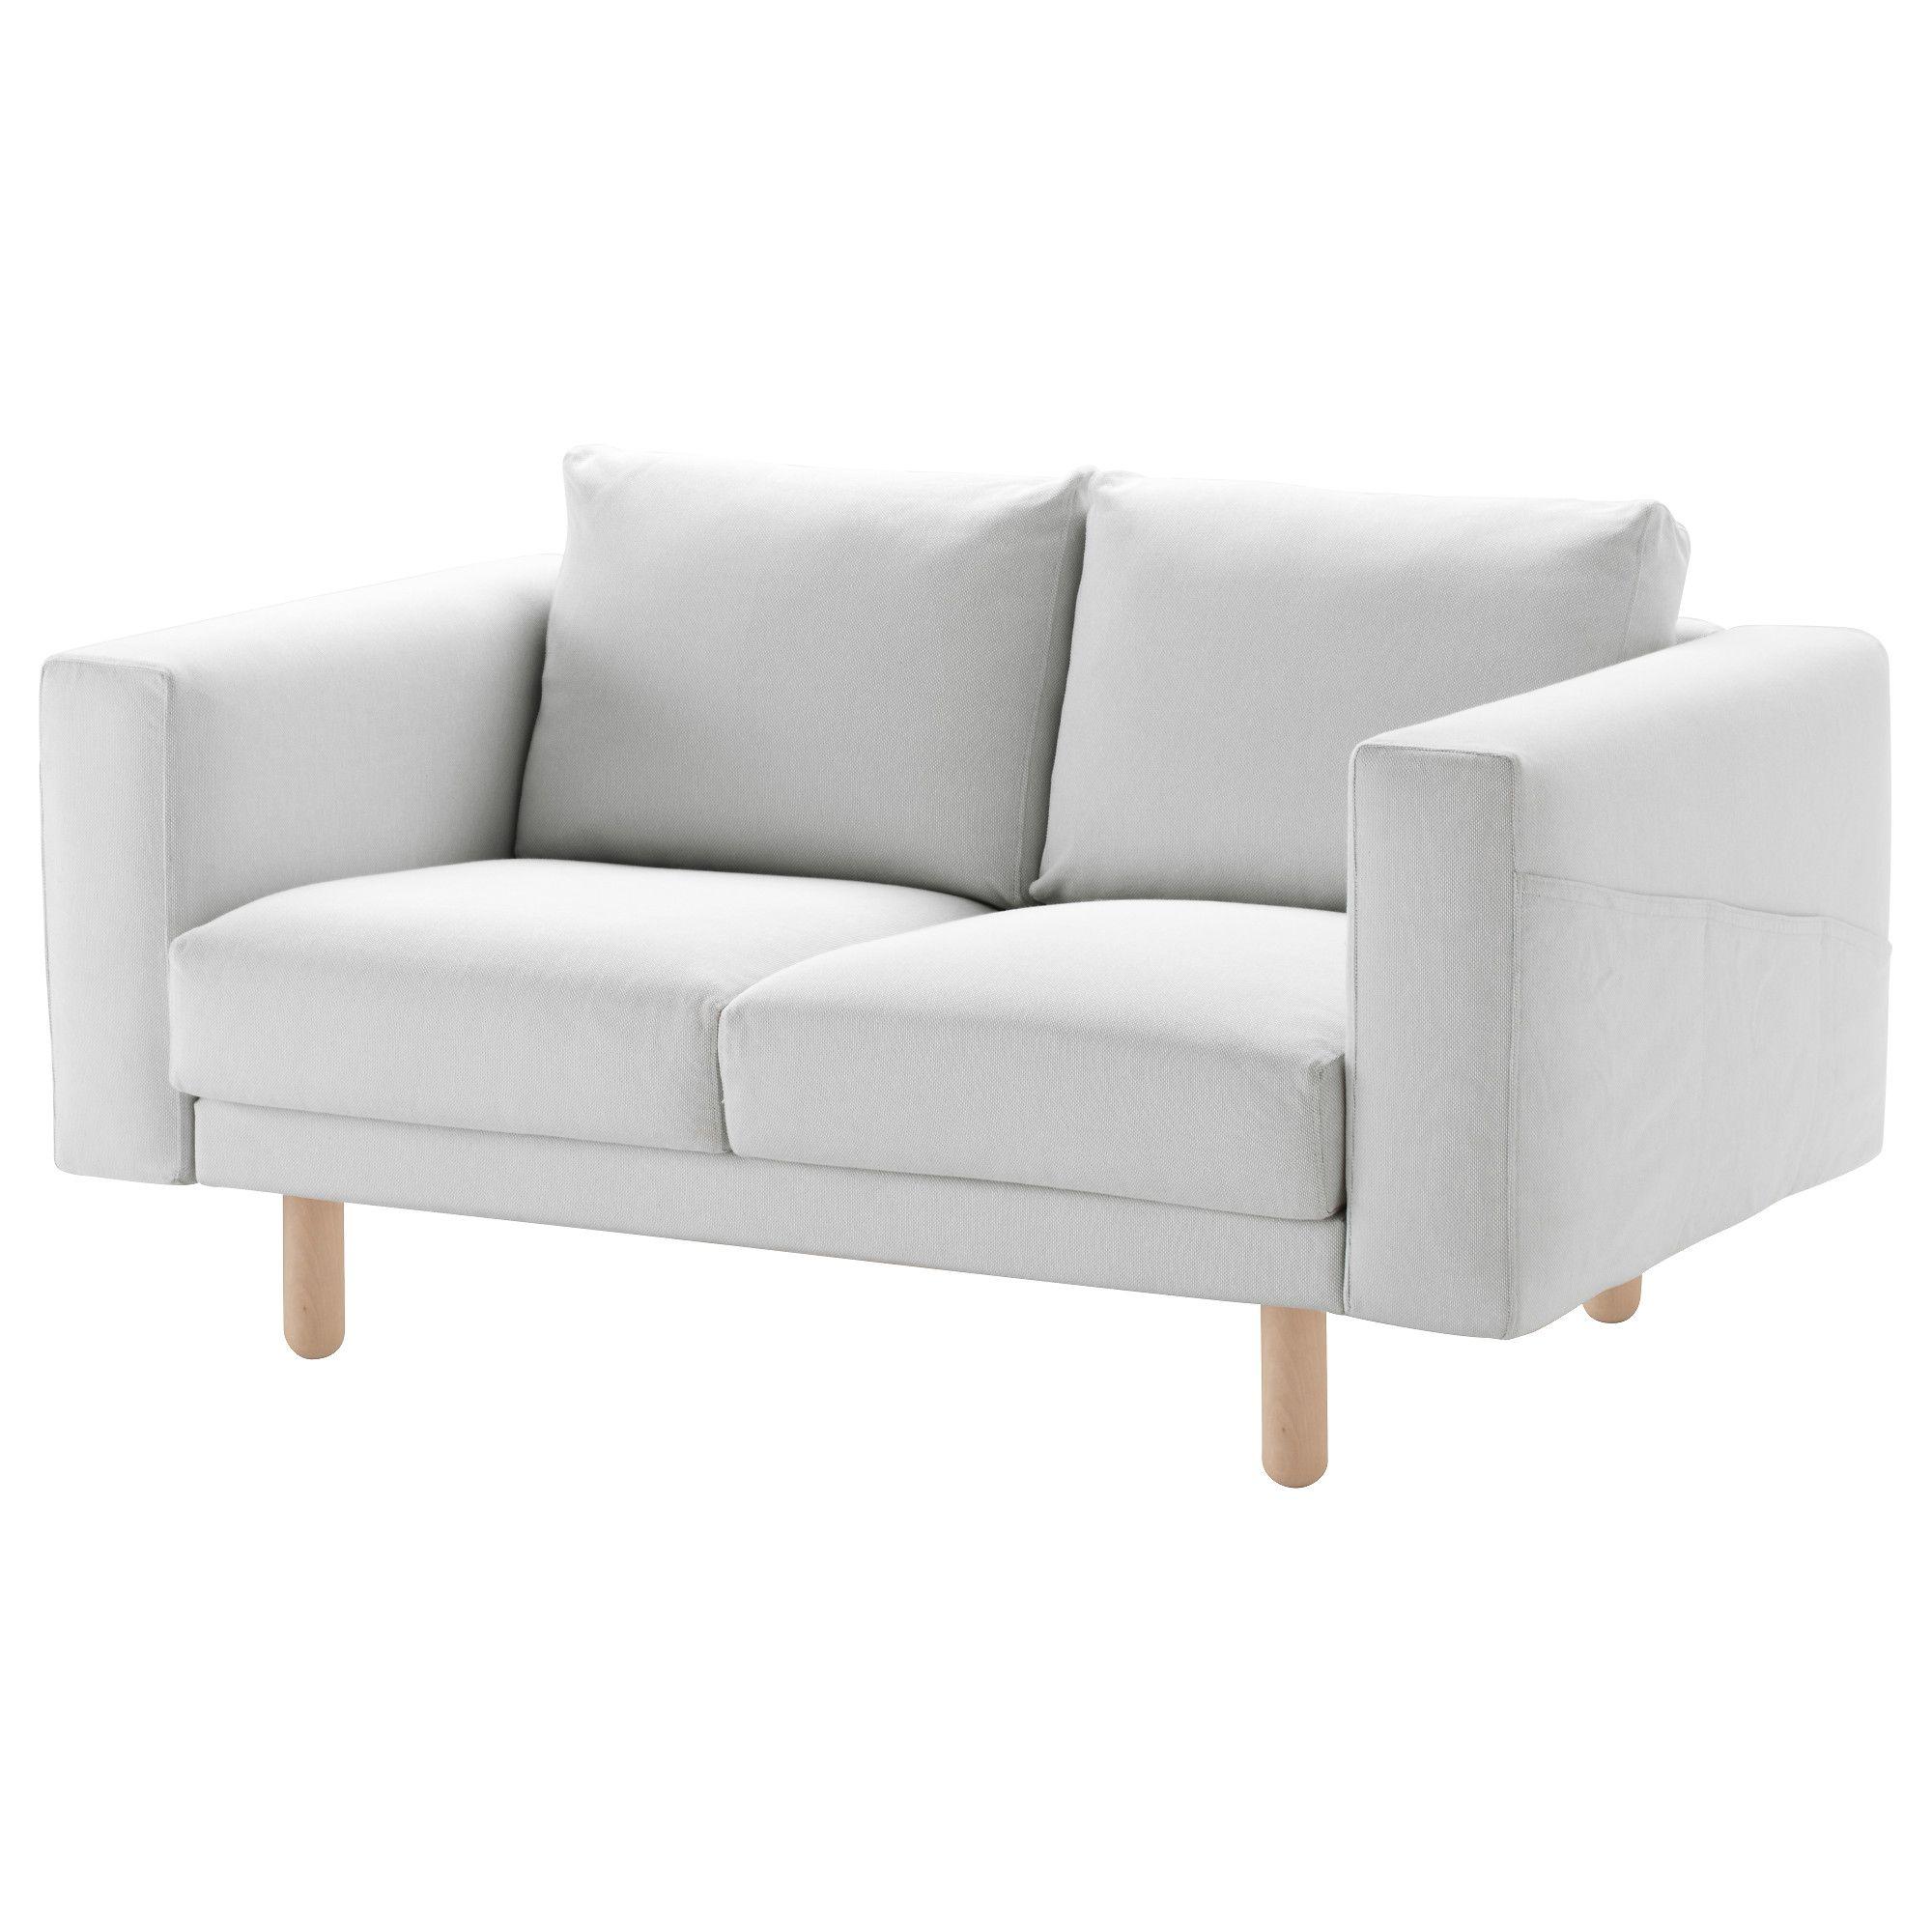 Furniture Home Furnishings Find Your Inspiration Ikea Fabric Sofas Ikea Sofa Small Sofa